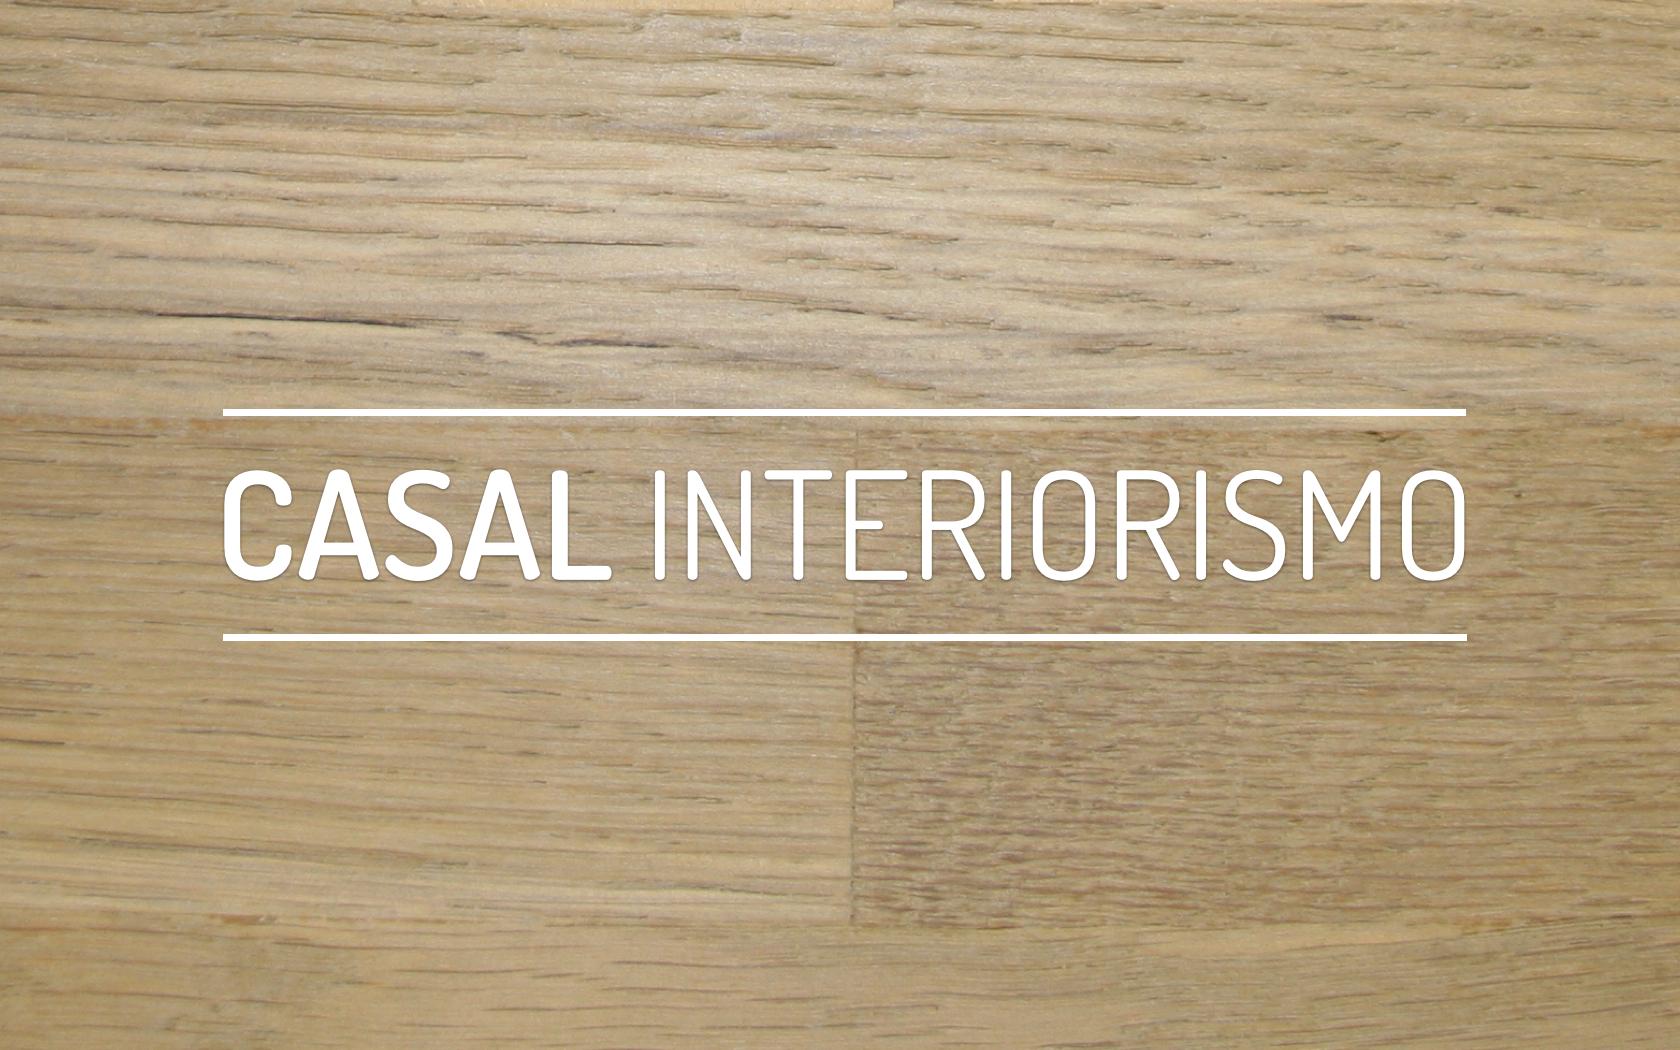 CASAL INTERIORISMO 01.jpg